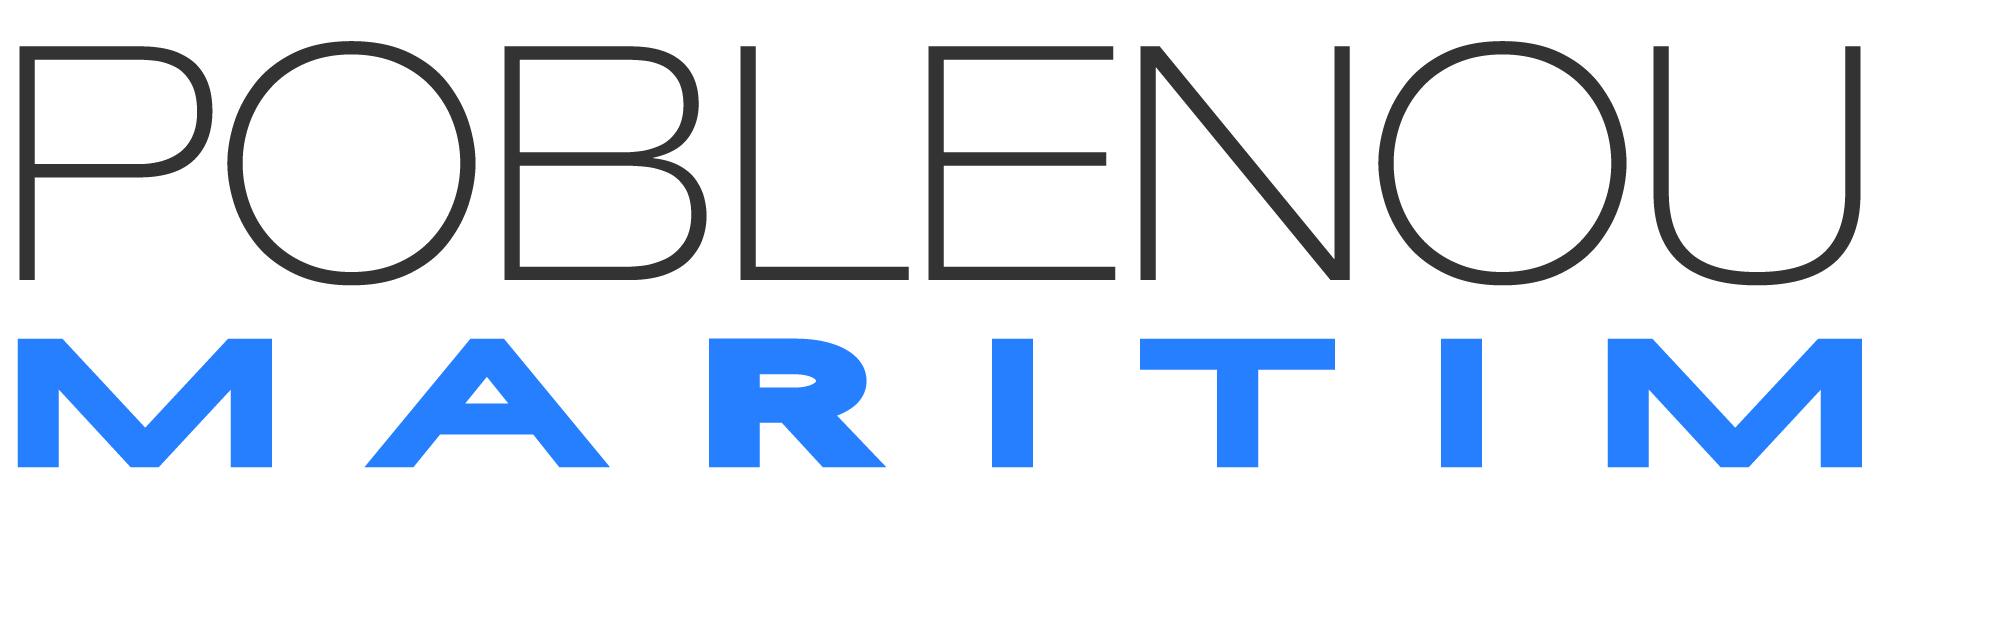 Logo Perello